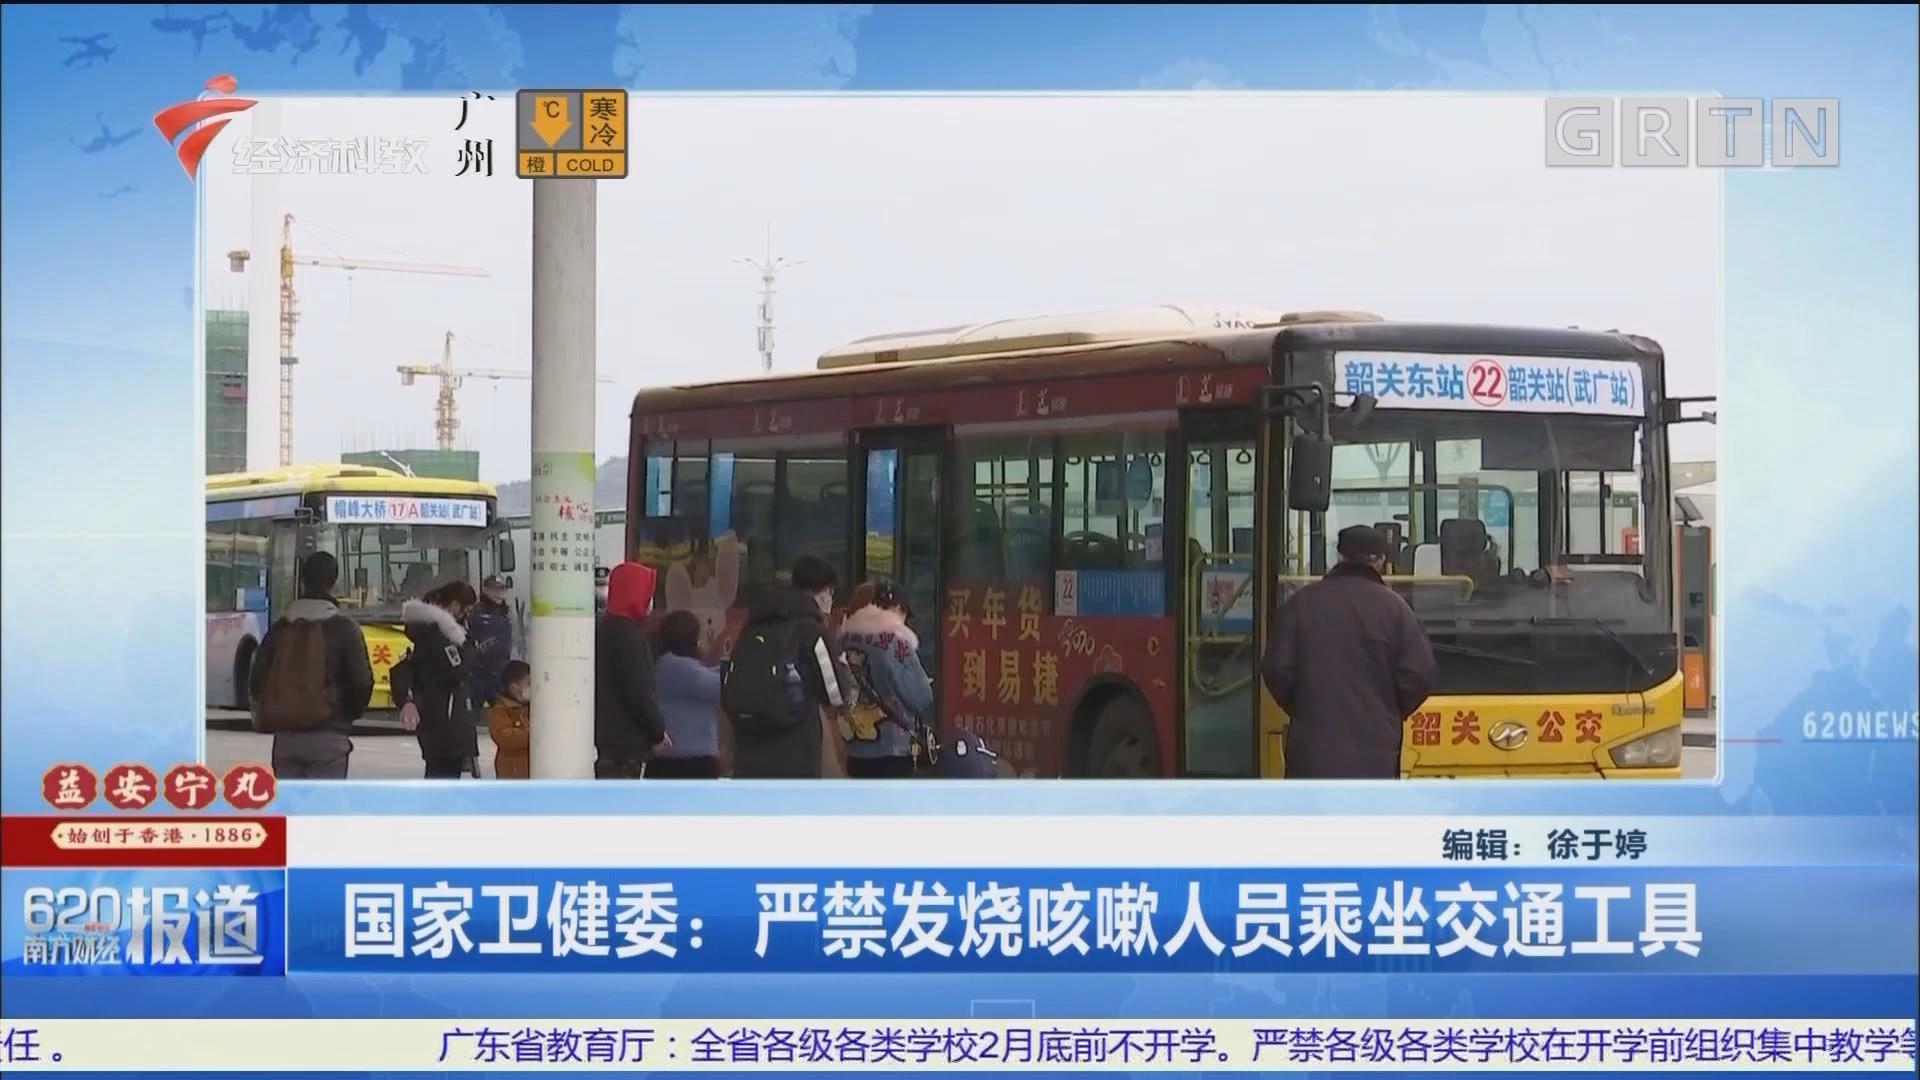 國家衛健委:嚴禁發燒咳嗽人員乘坐交通工具